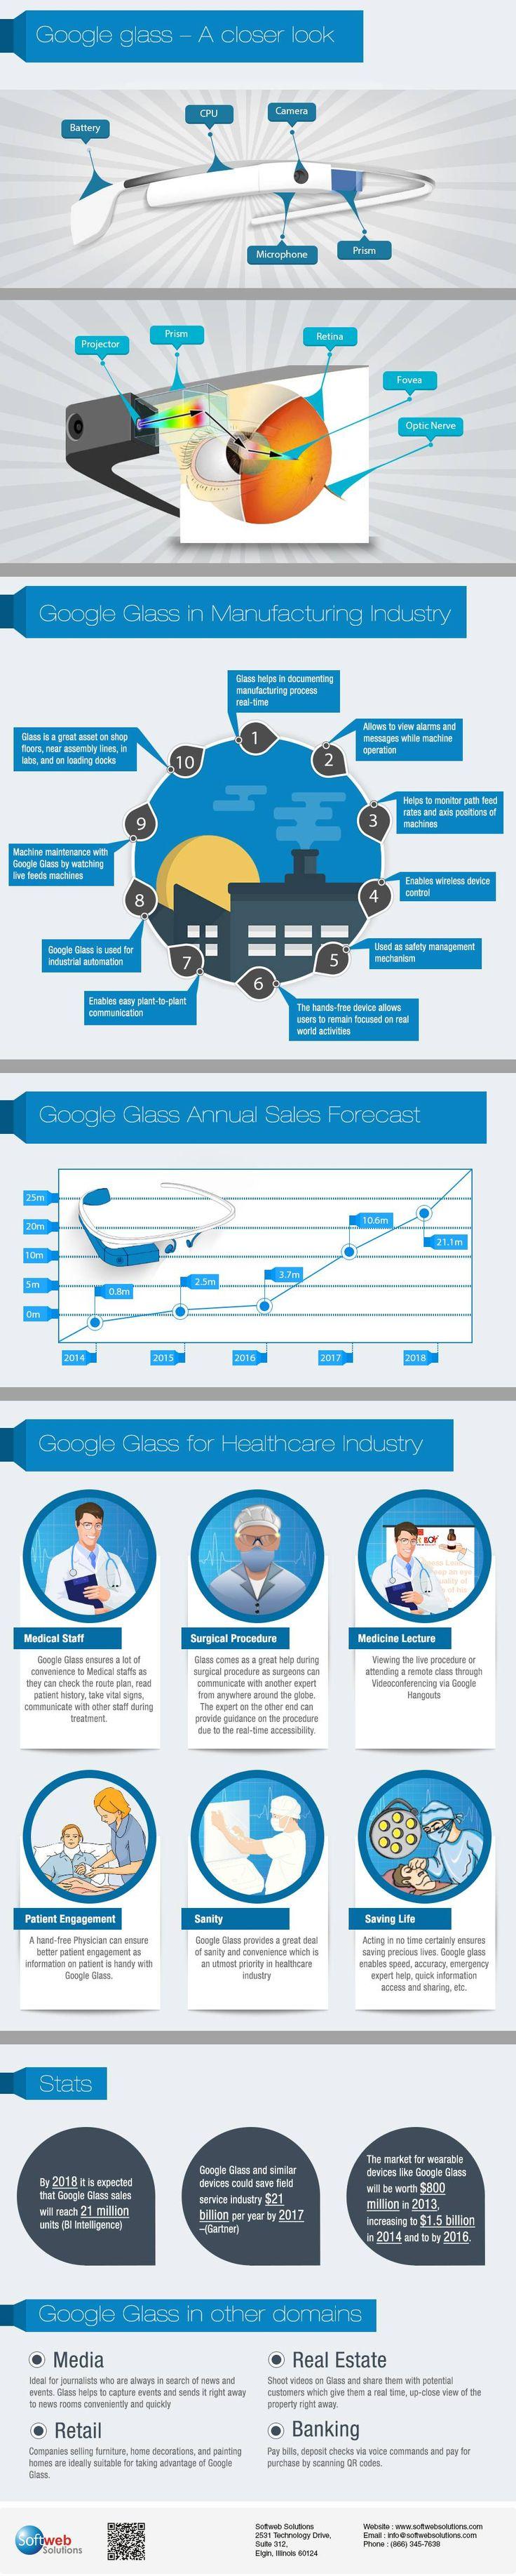 Google Glass - A Closer Look   #infographic #googleglass #WearableTech #Technology